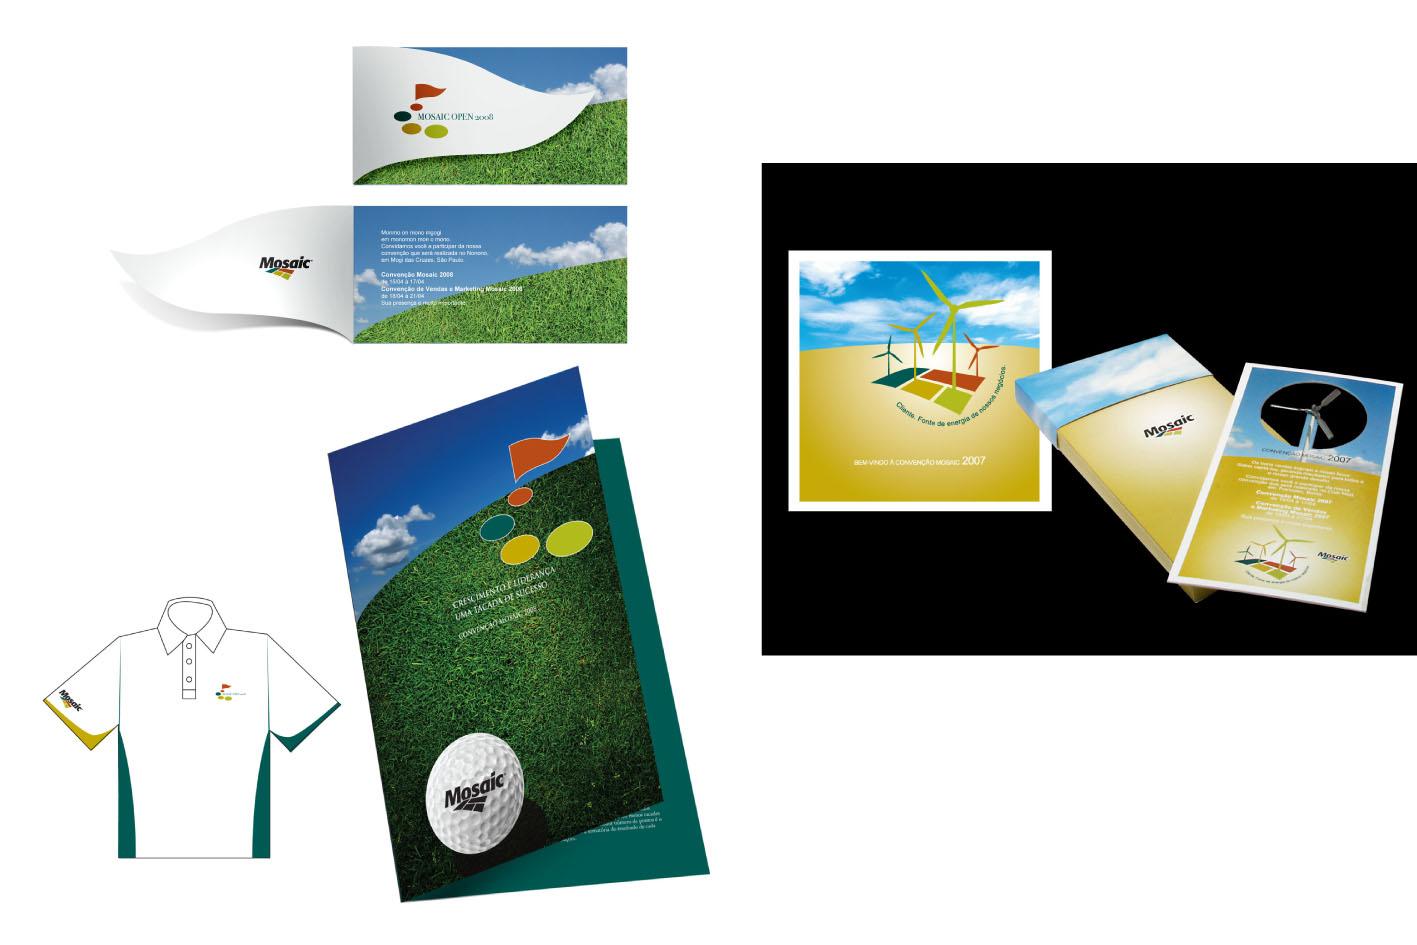 Convenção de vendas Mosaic